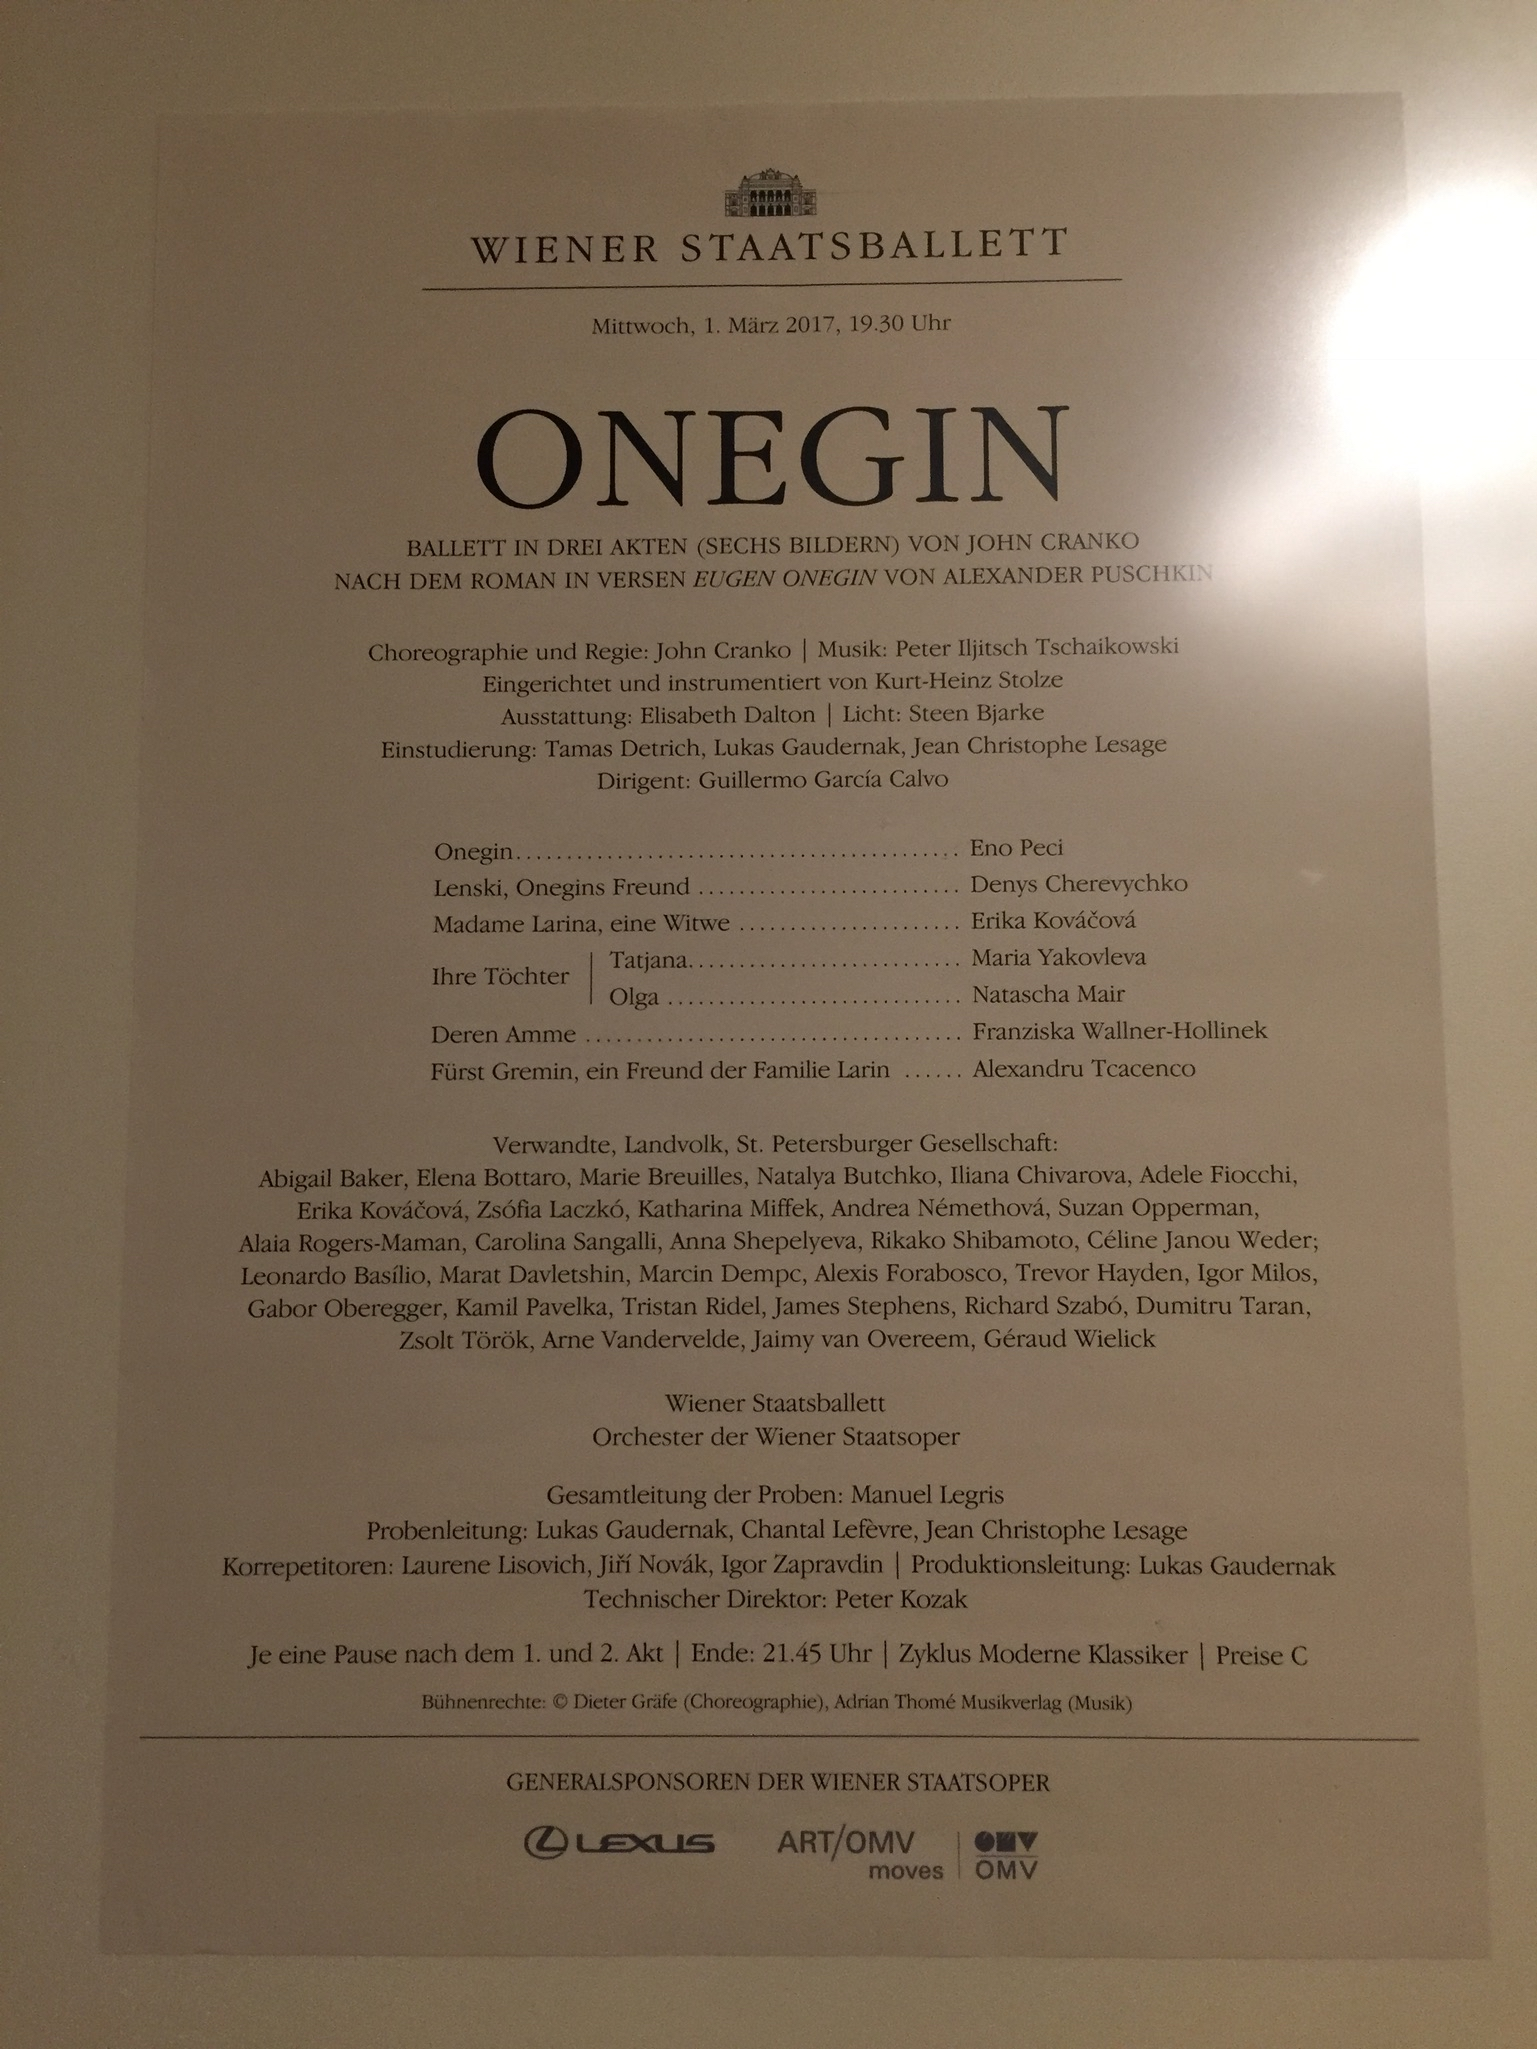 Wenen Staatsopera Onegin ballet voorstelling